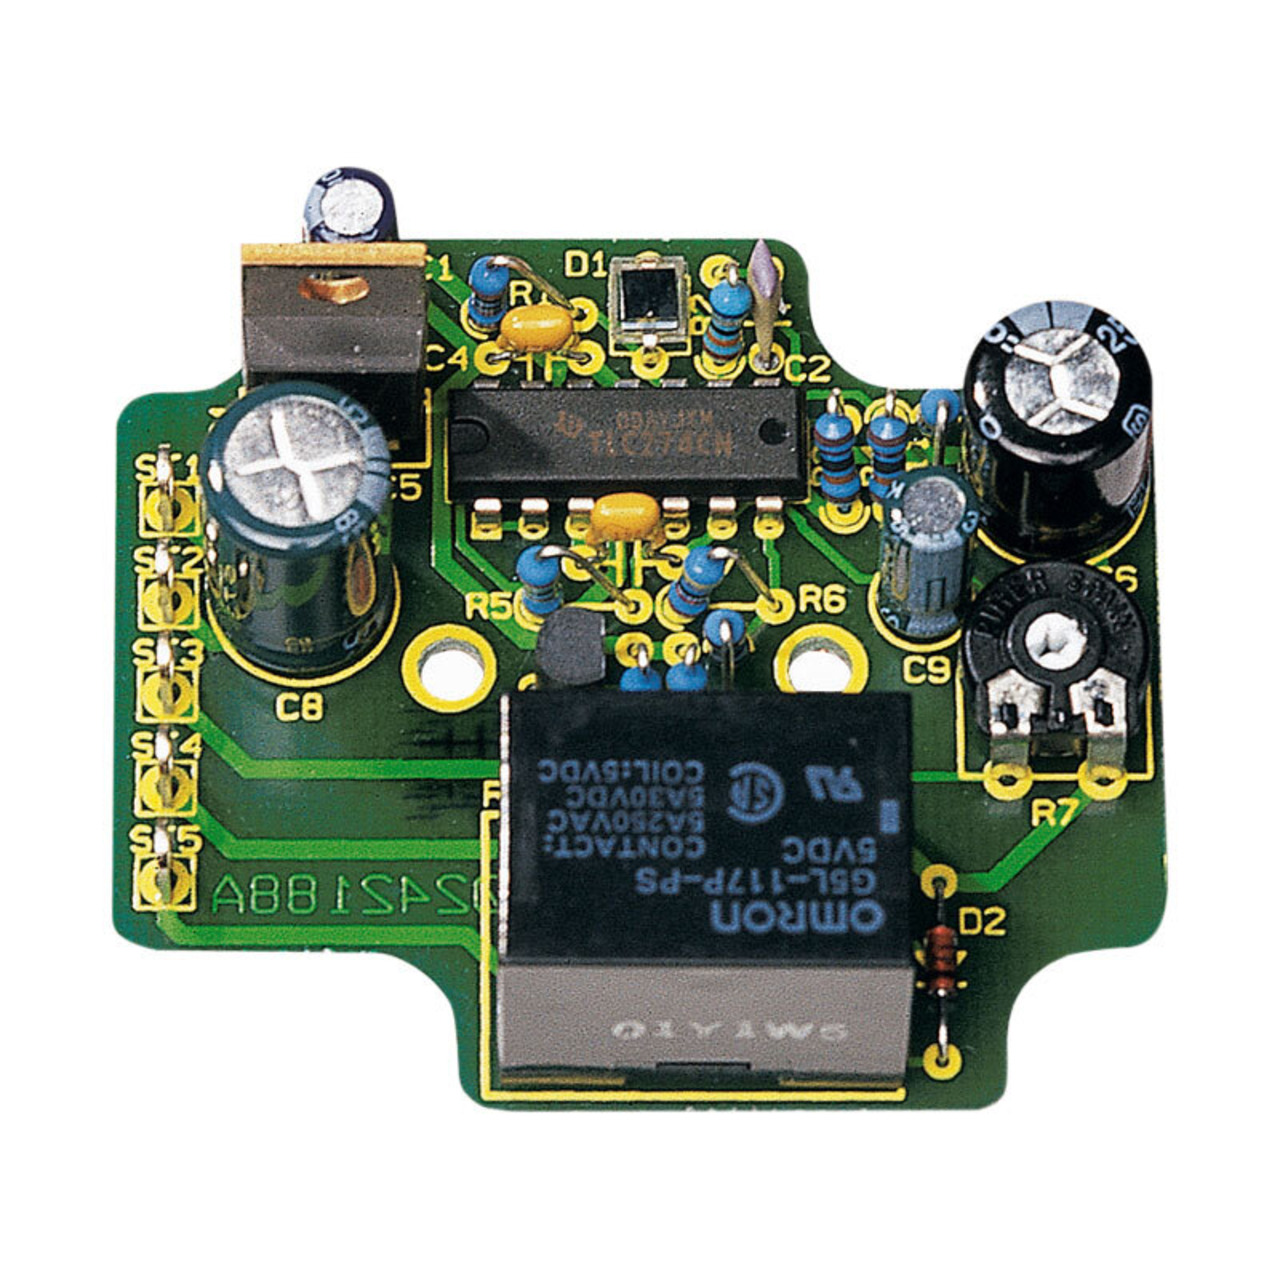 ELV Bausatz Dämmerungsschalter DS 12- 12 V- ohne Gehäuse